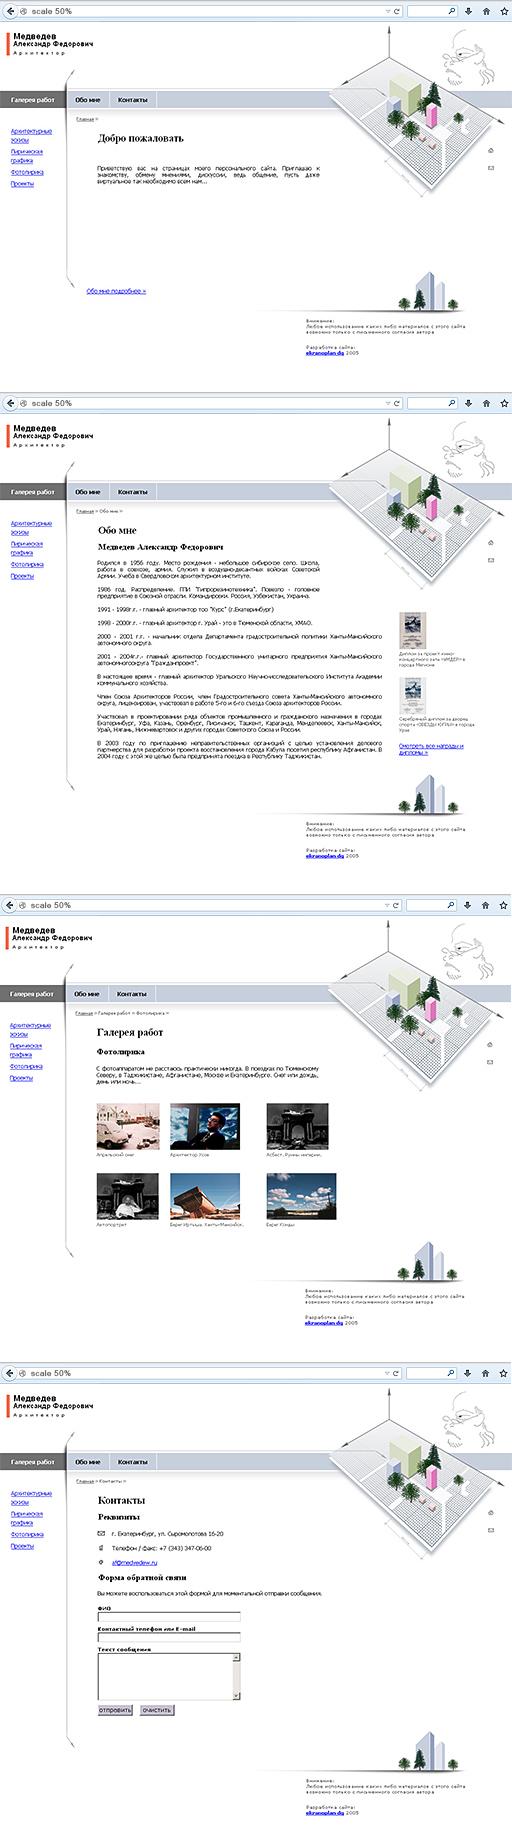 2005 - Медведев Александр Фёдорович - персональный сайт архитектора